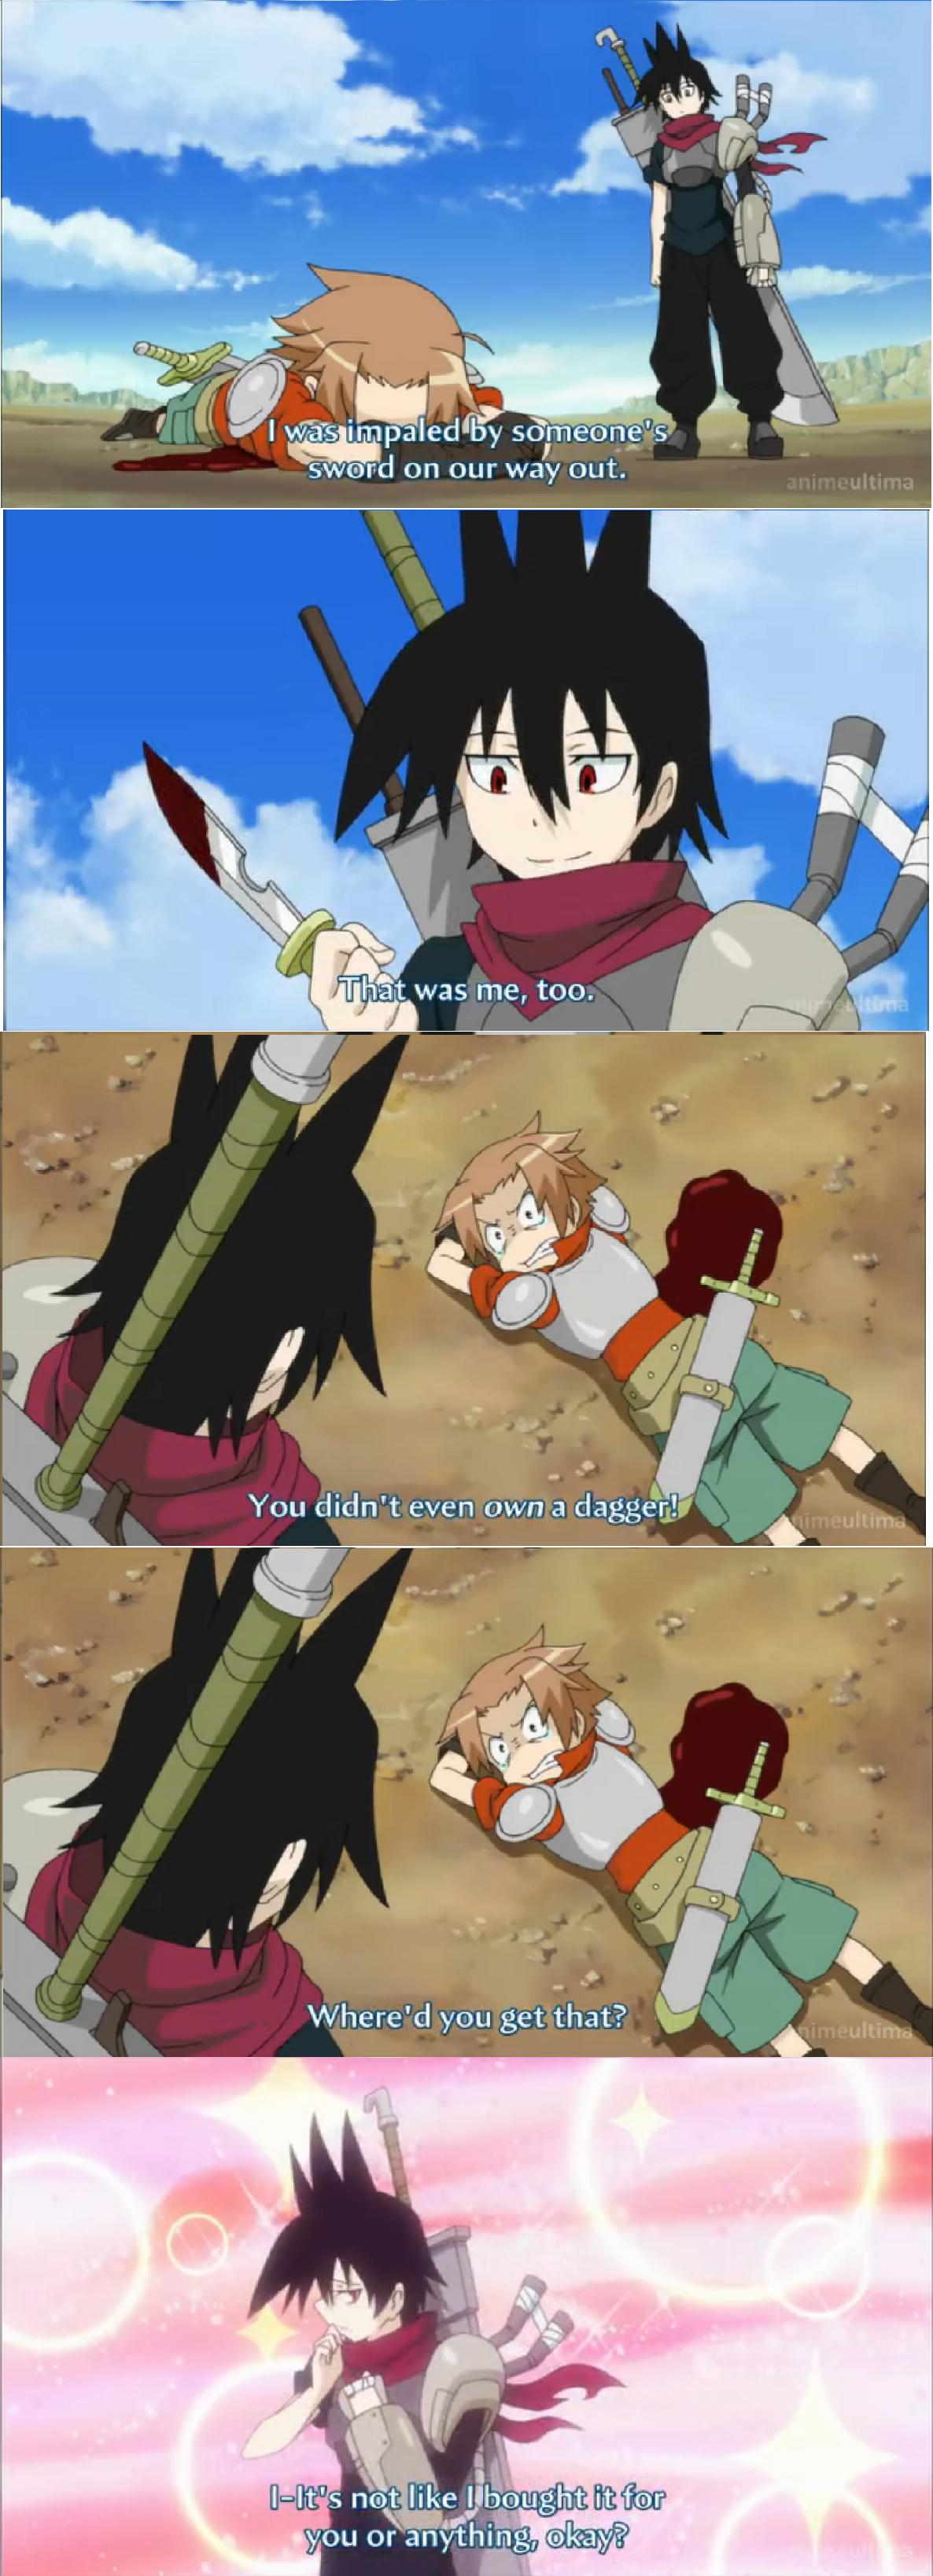 Anime in a nutshell. Senyuu. Anime in a nutshell Senyuu